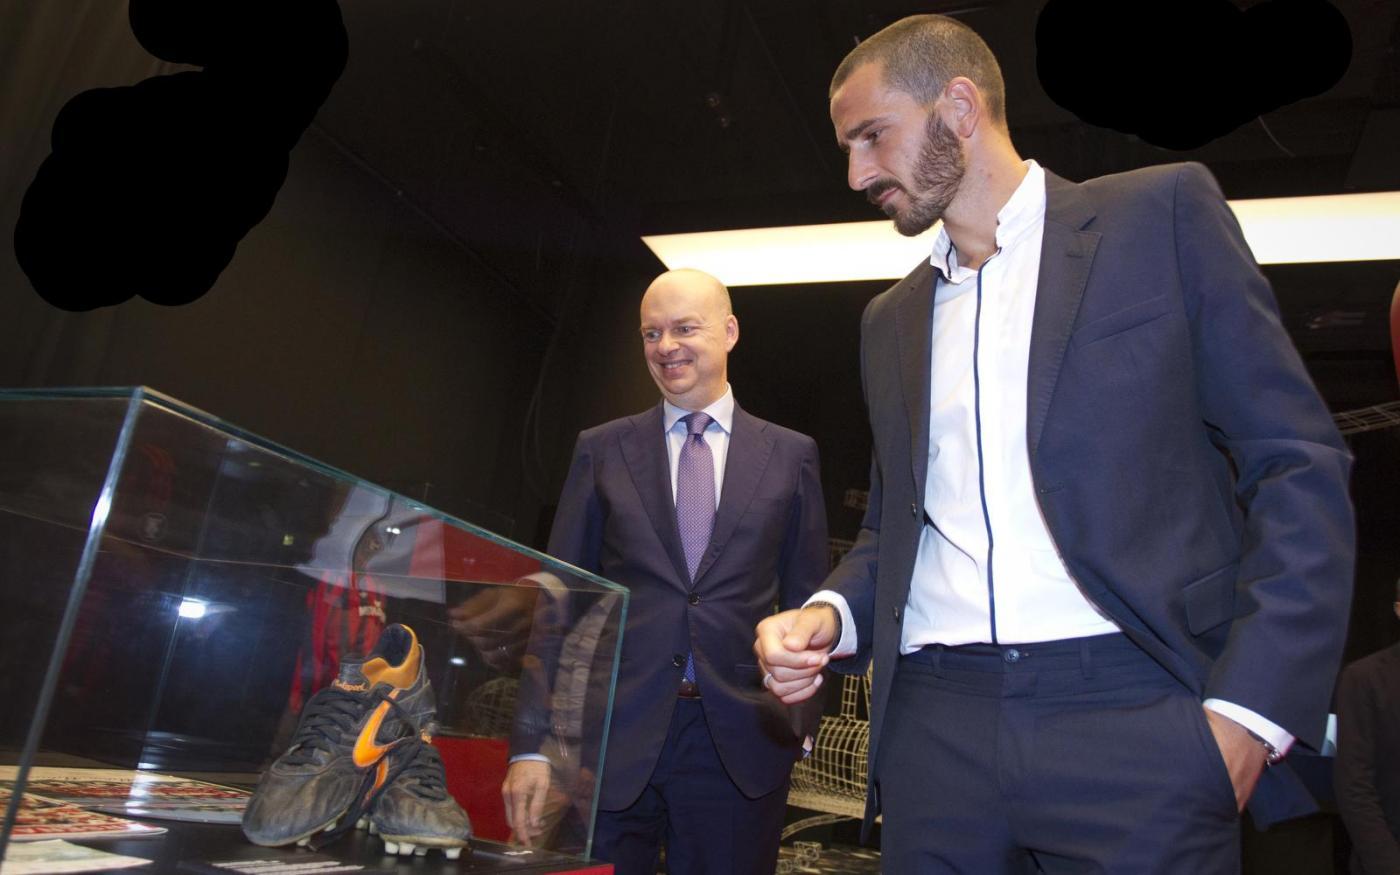 Bonucci passa al Milan, Marotta prende la parola: